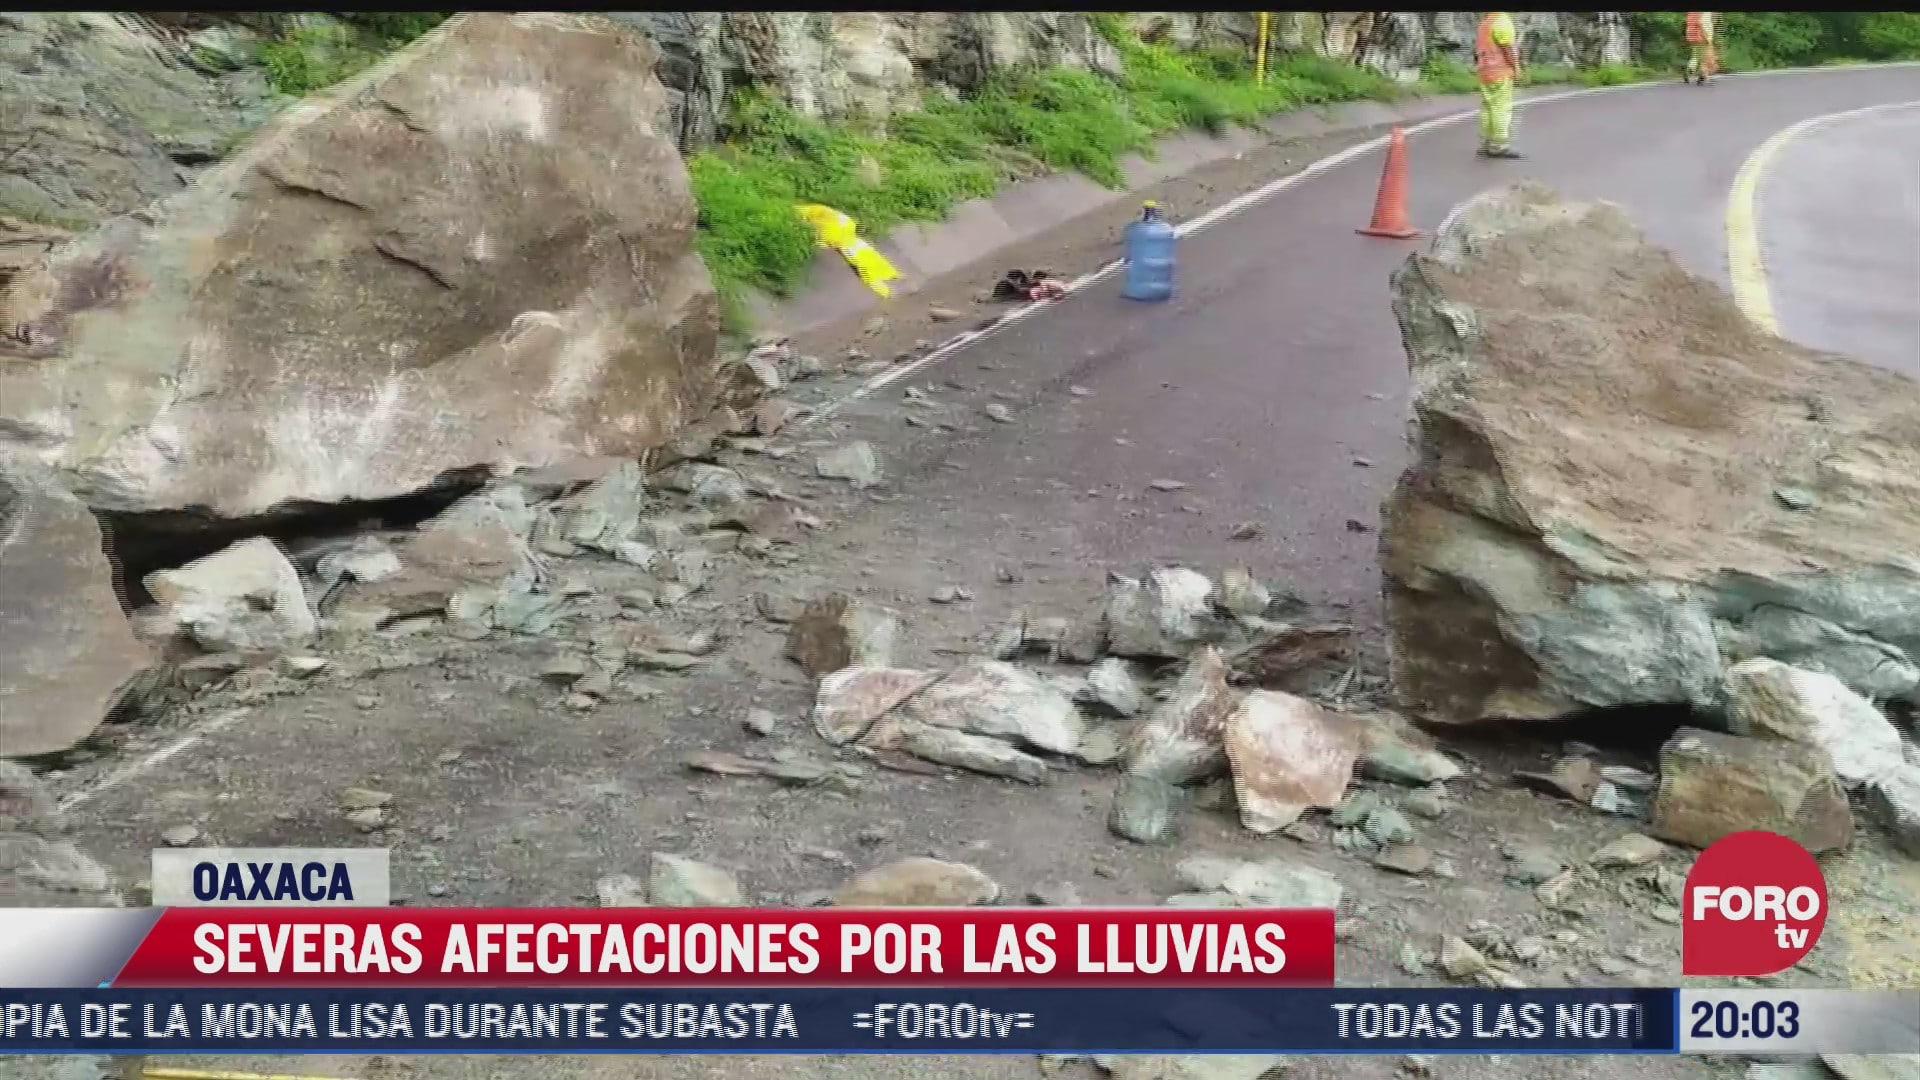 lluvias causan afectaciones en tramos carreteros de oaxaca